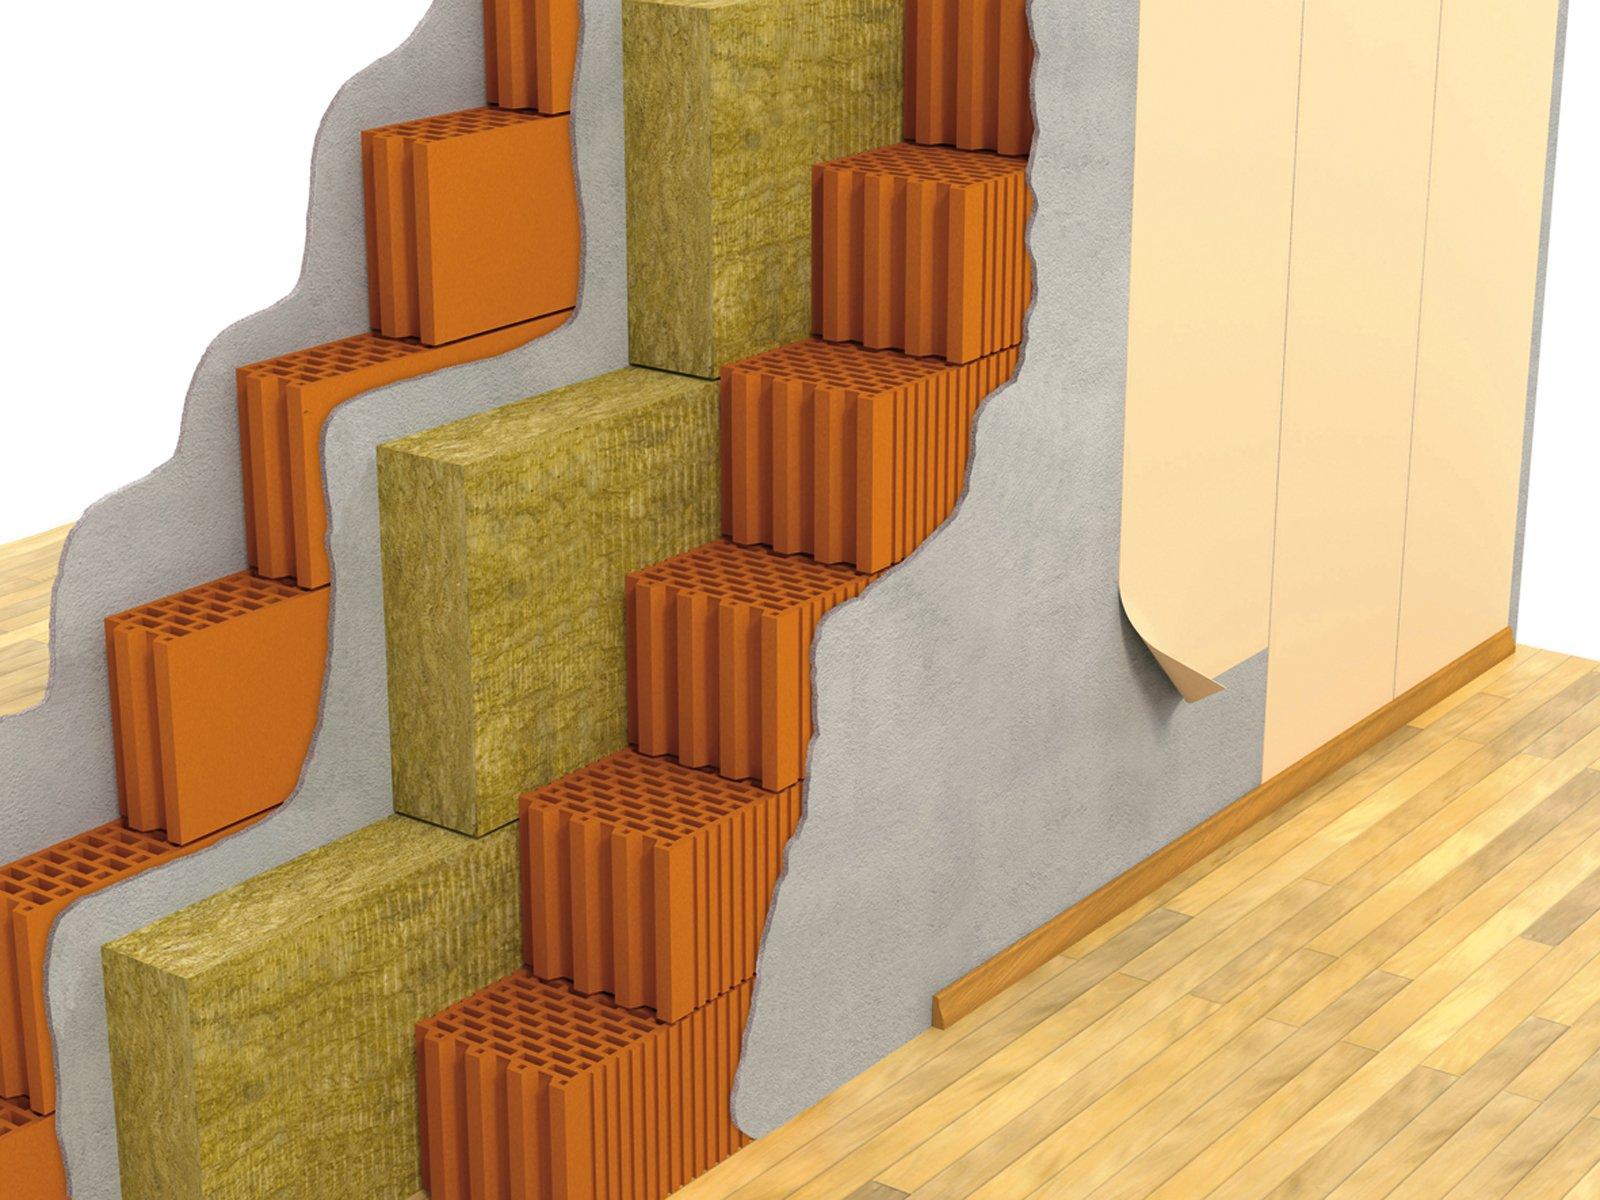 Casa moderna roma italy isolante termico pareti interne - Materiale isolante termico ...